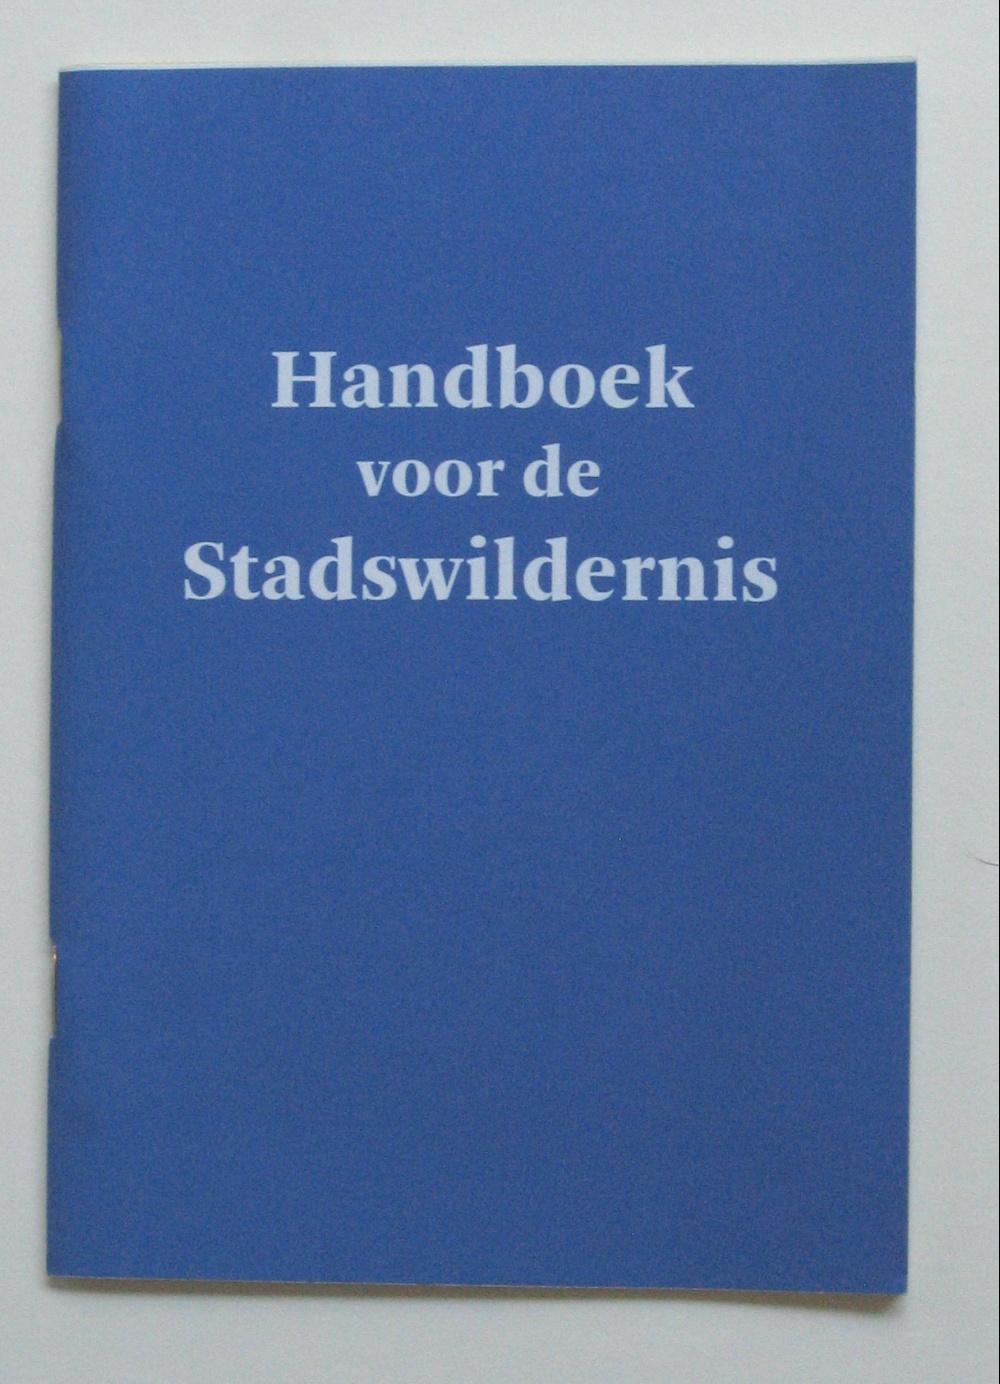 Handboek voor de Stadswildernis (Handbook for the City Wild)